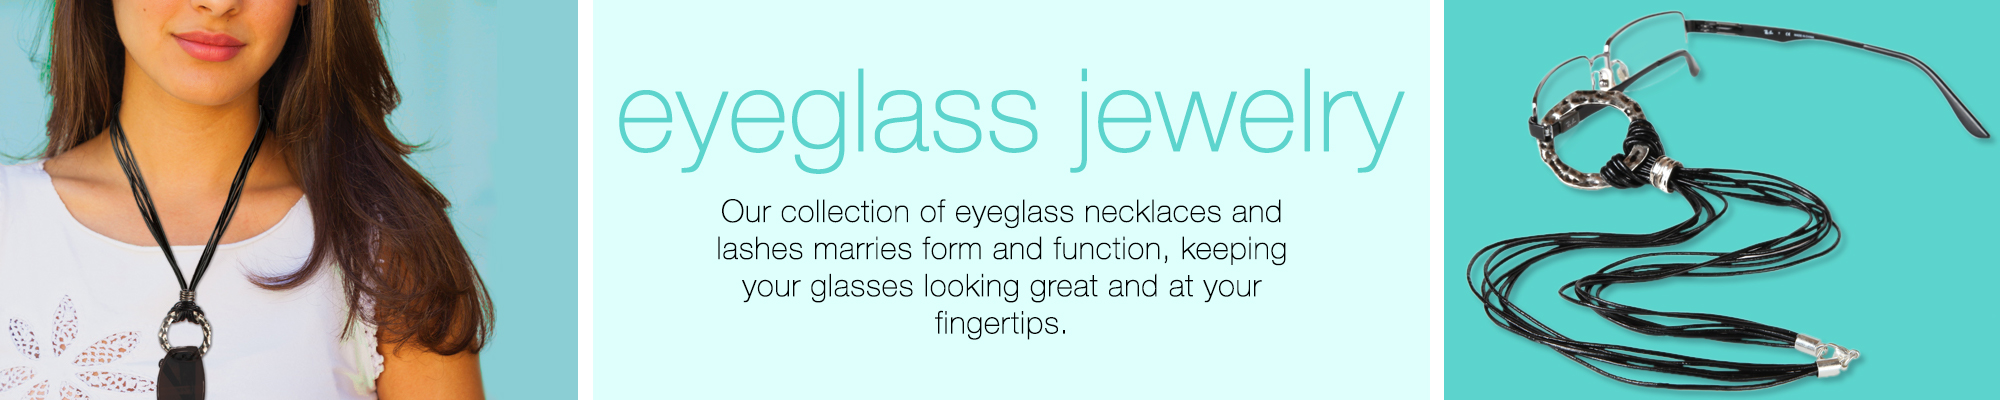 eyeglass-header-1.jpg